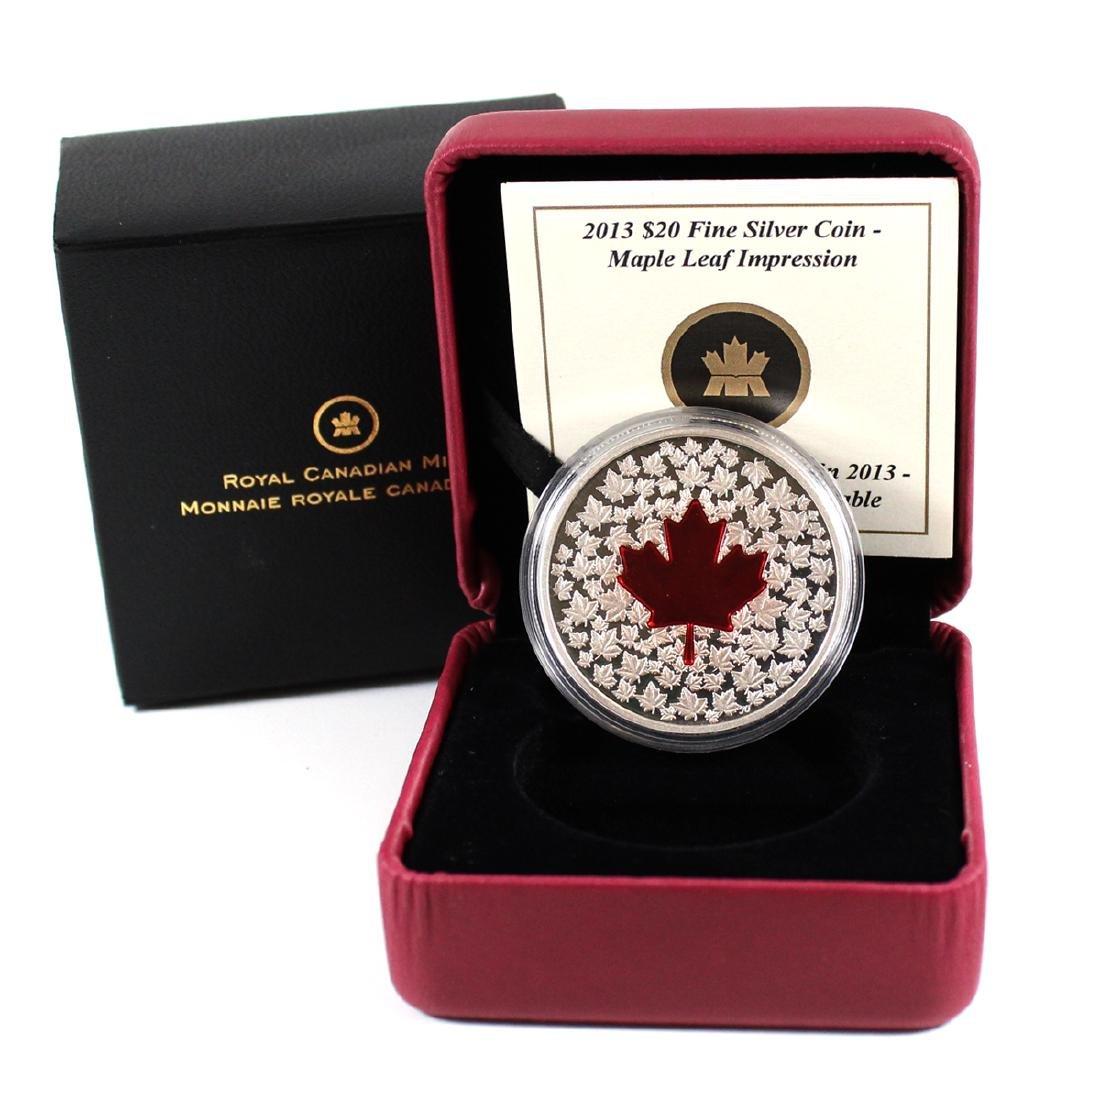 2013 Canada $20 Maple Leaf Impression (Red Enamel)